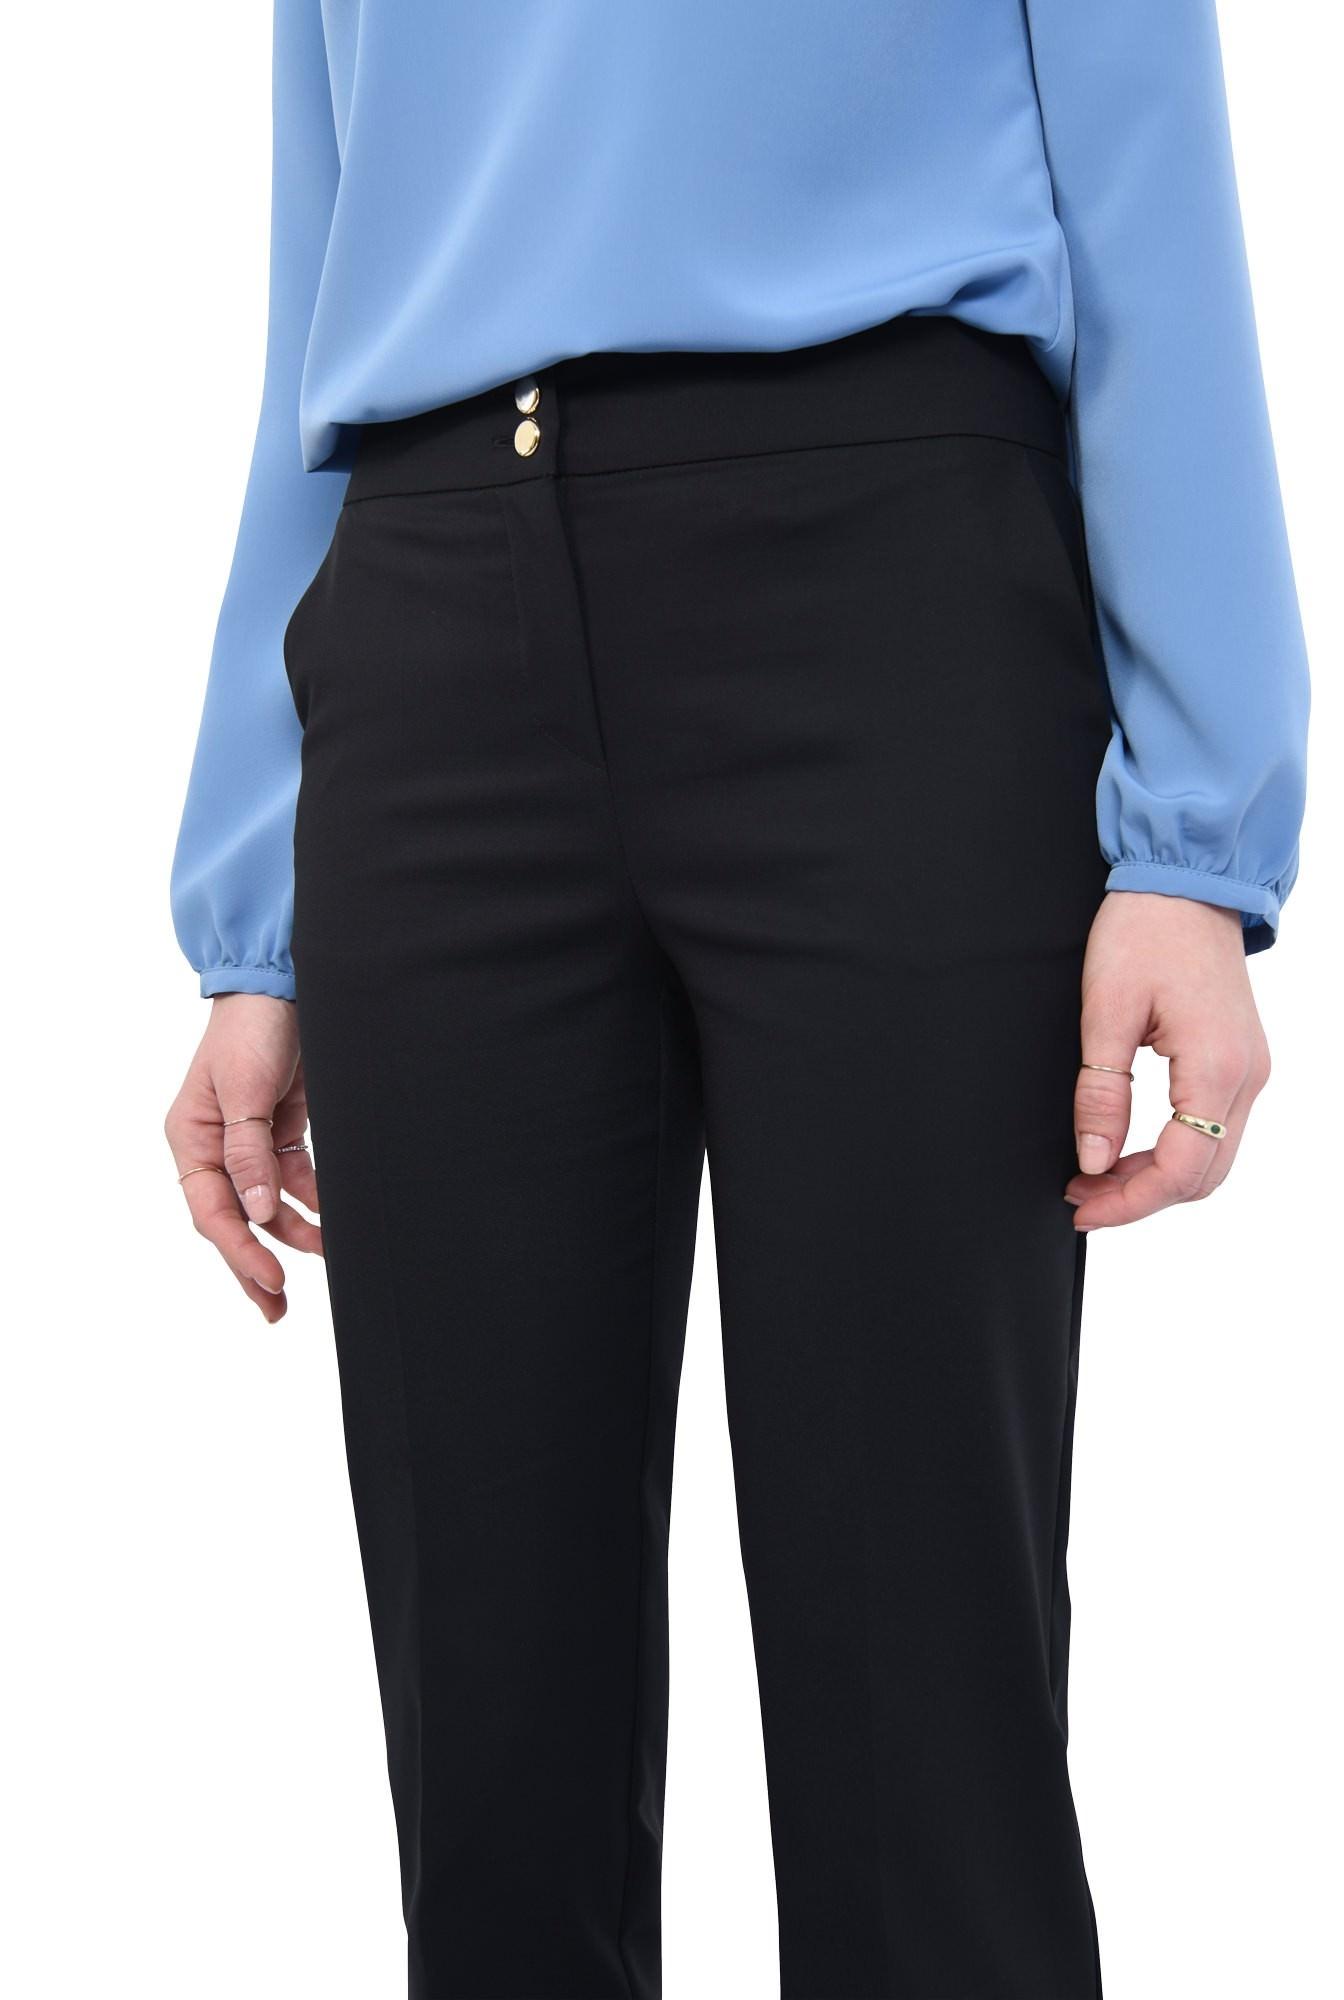 0 - Pantaloni casual, croi drept